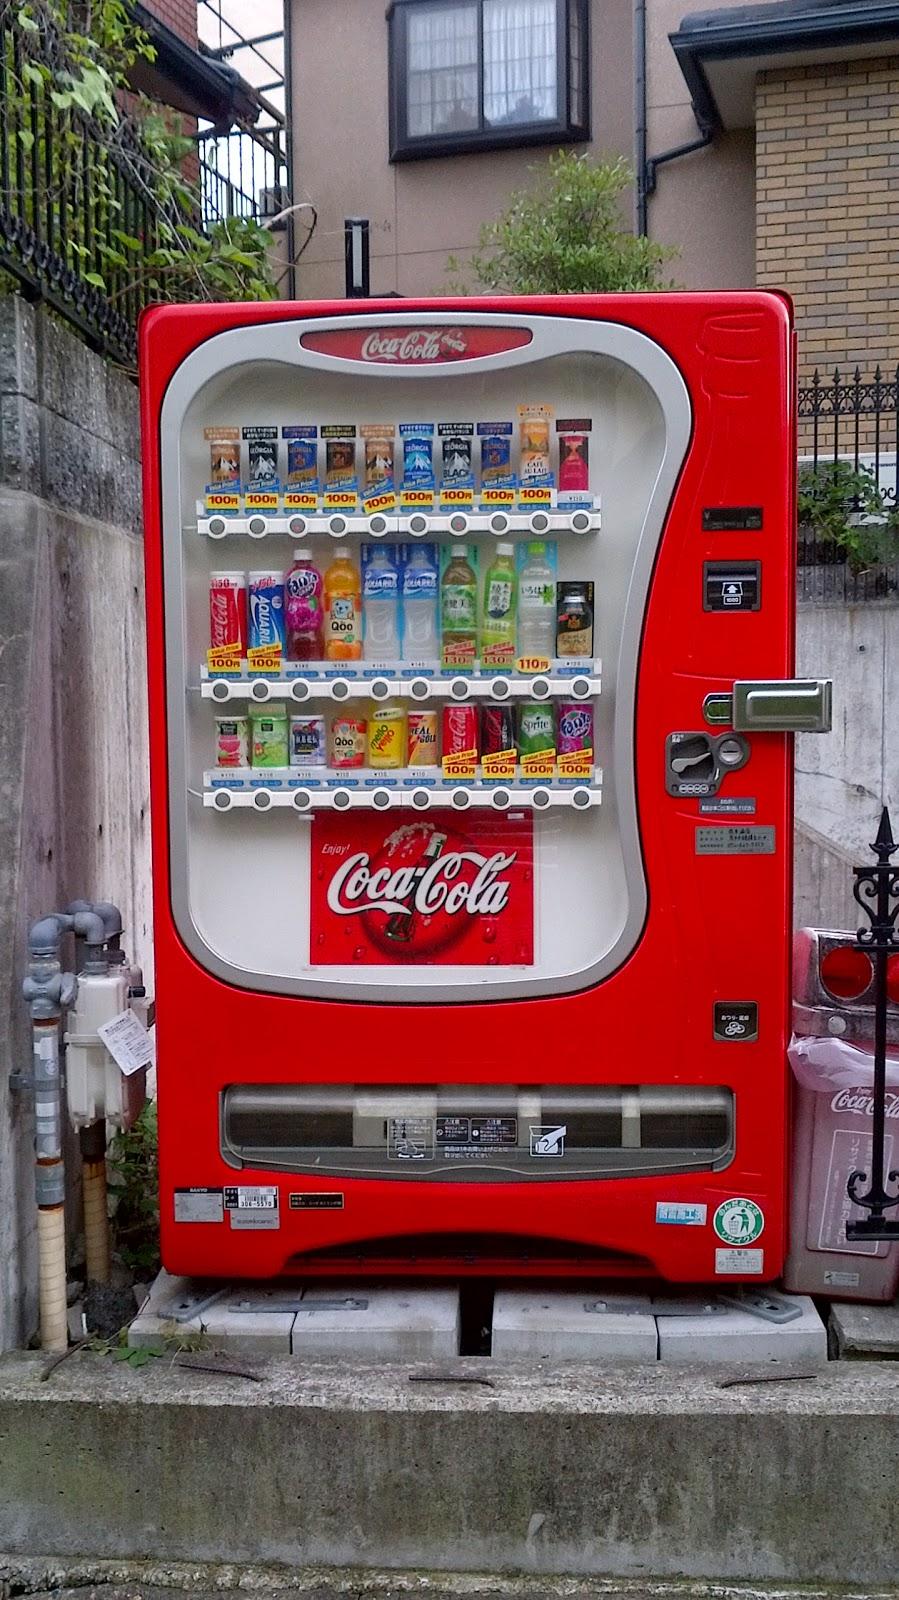 100 flavor coke machine cost